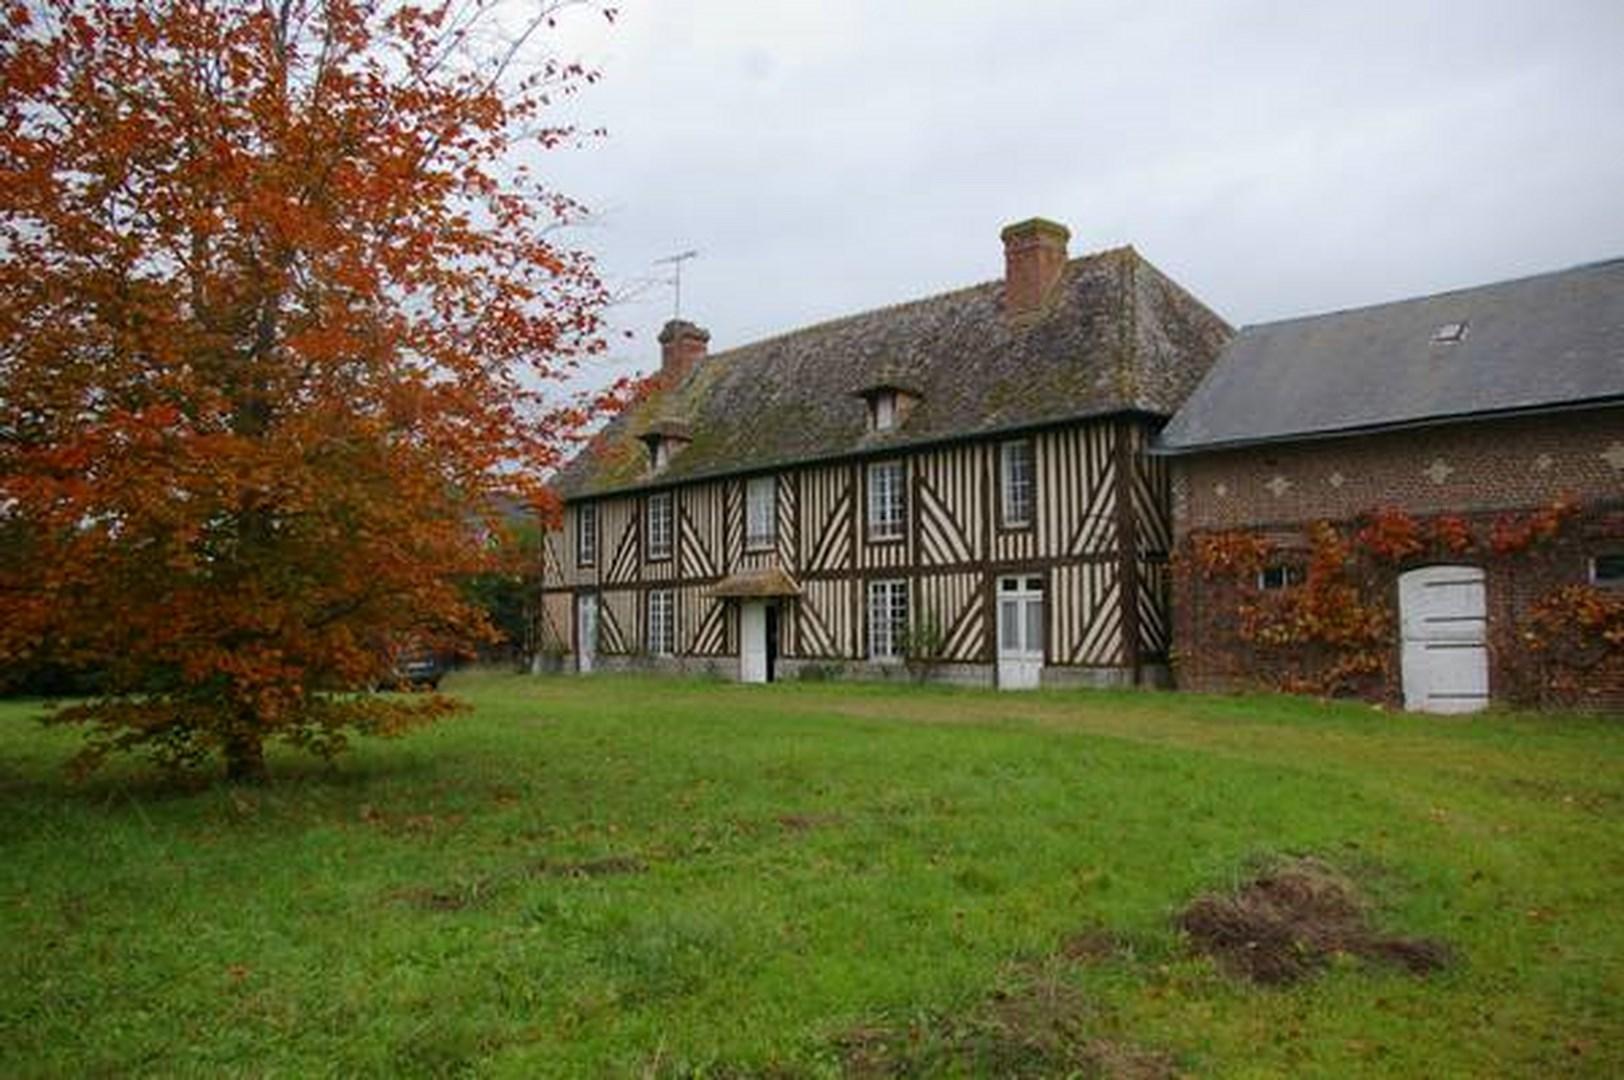 Vente de maison avec toit de chaume orbec terres et for Piscine lisieux